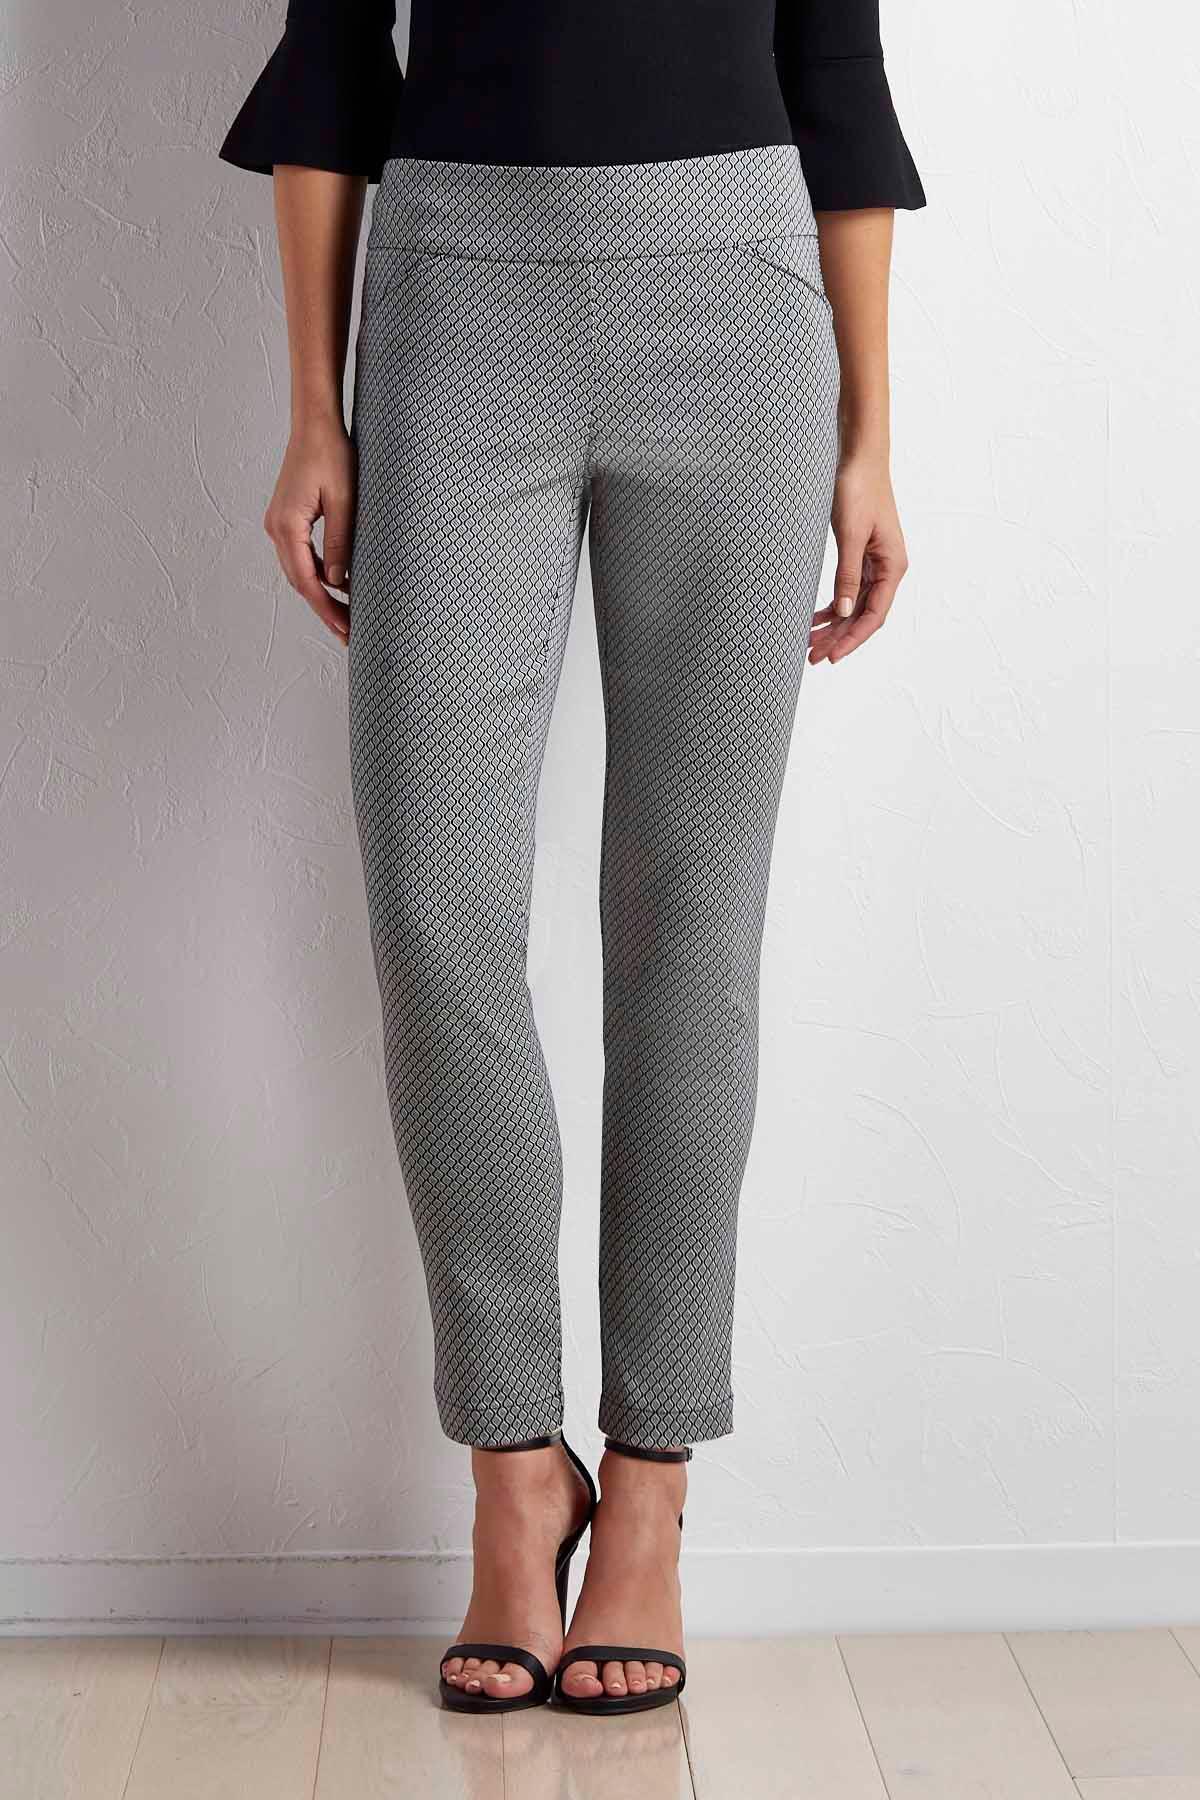 Honeycomb Slim Leg Pants